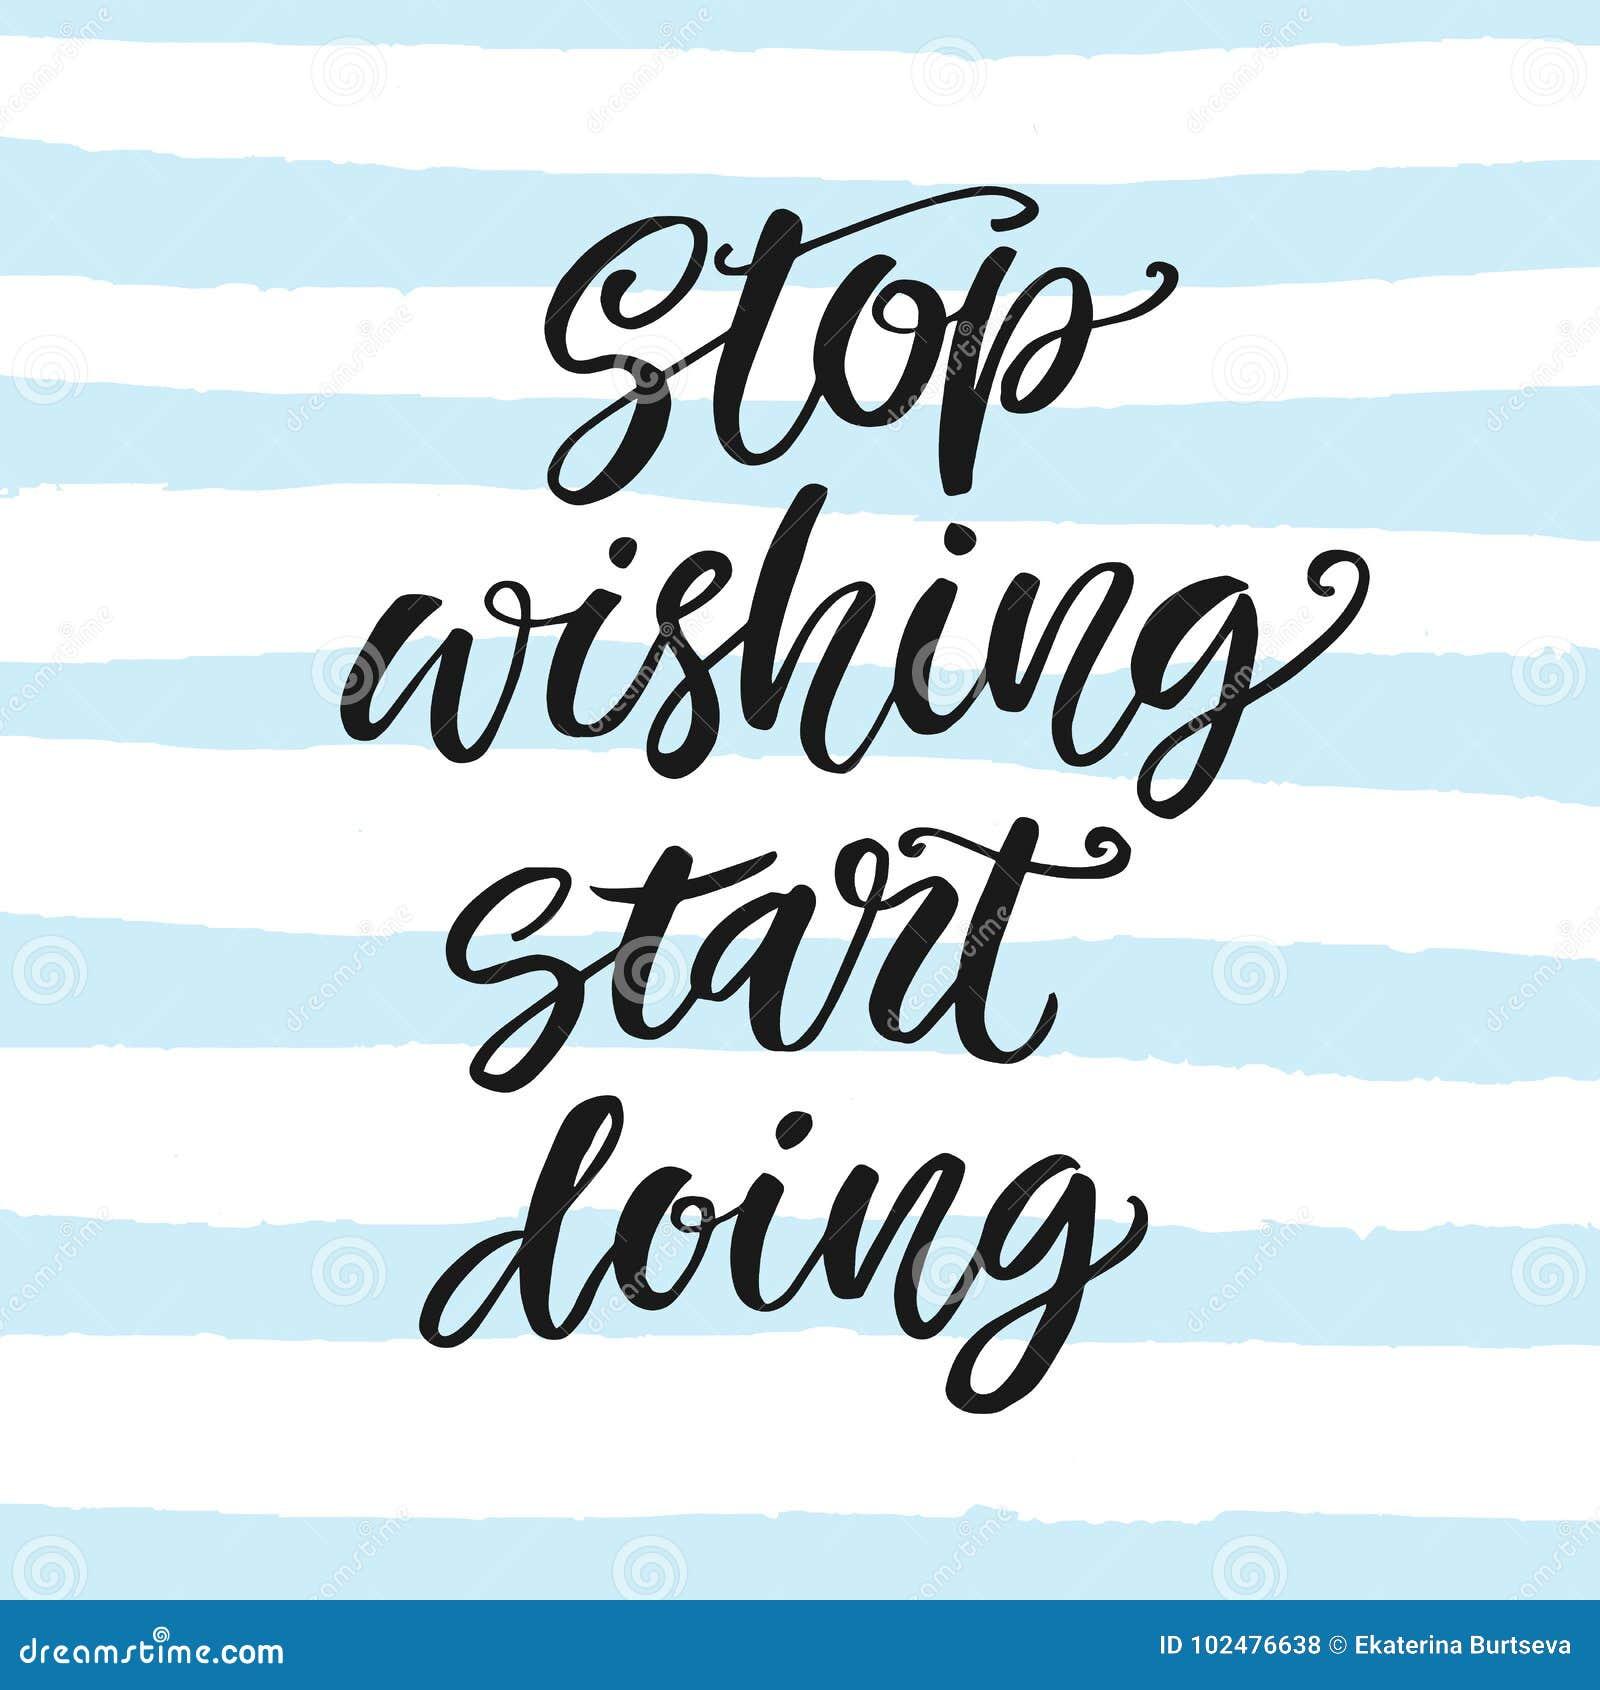 Stoppa att önska, starta att göra Motivational affisch